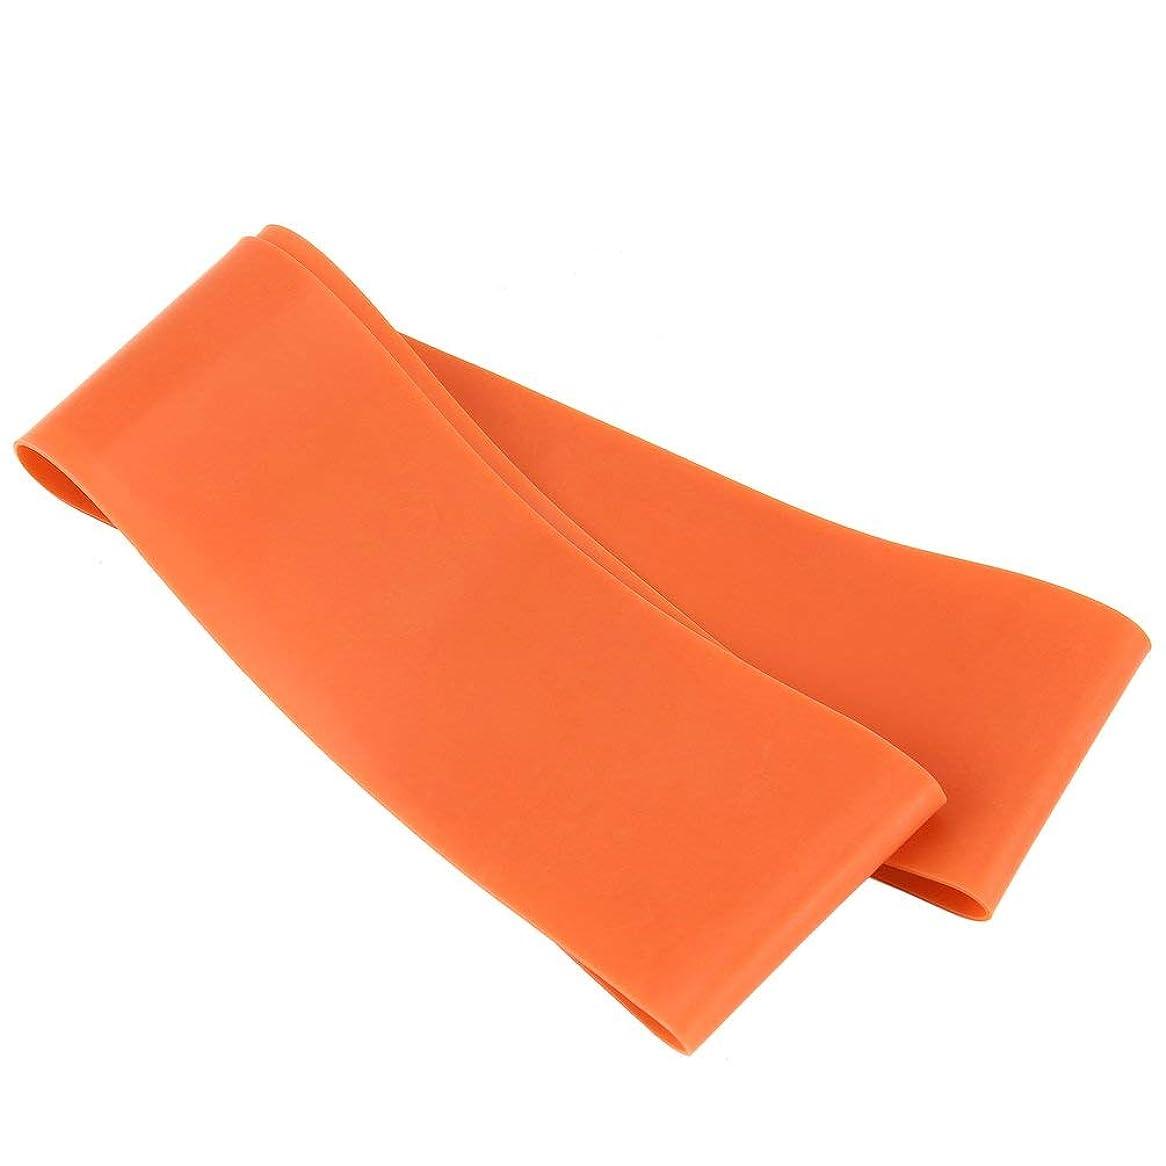 浪費あそこ賞賛する滑り止めの伸縮性のあるゴム製伸縮性がある伸縮性があるヨガベルトバンド引きロープの張力抵抗バンドループ強度のためのフィットネスヨガツール - オレンジ